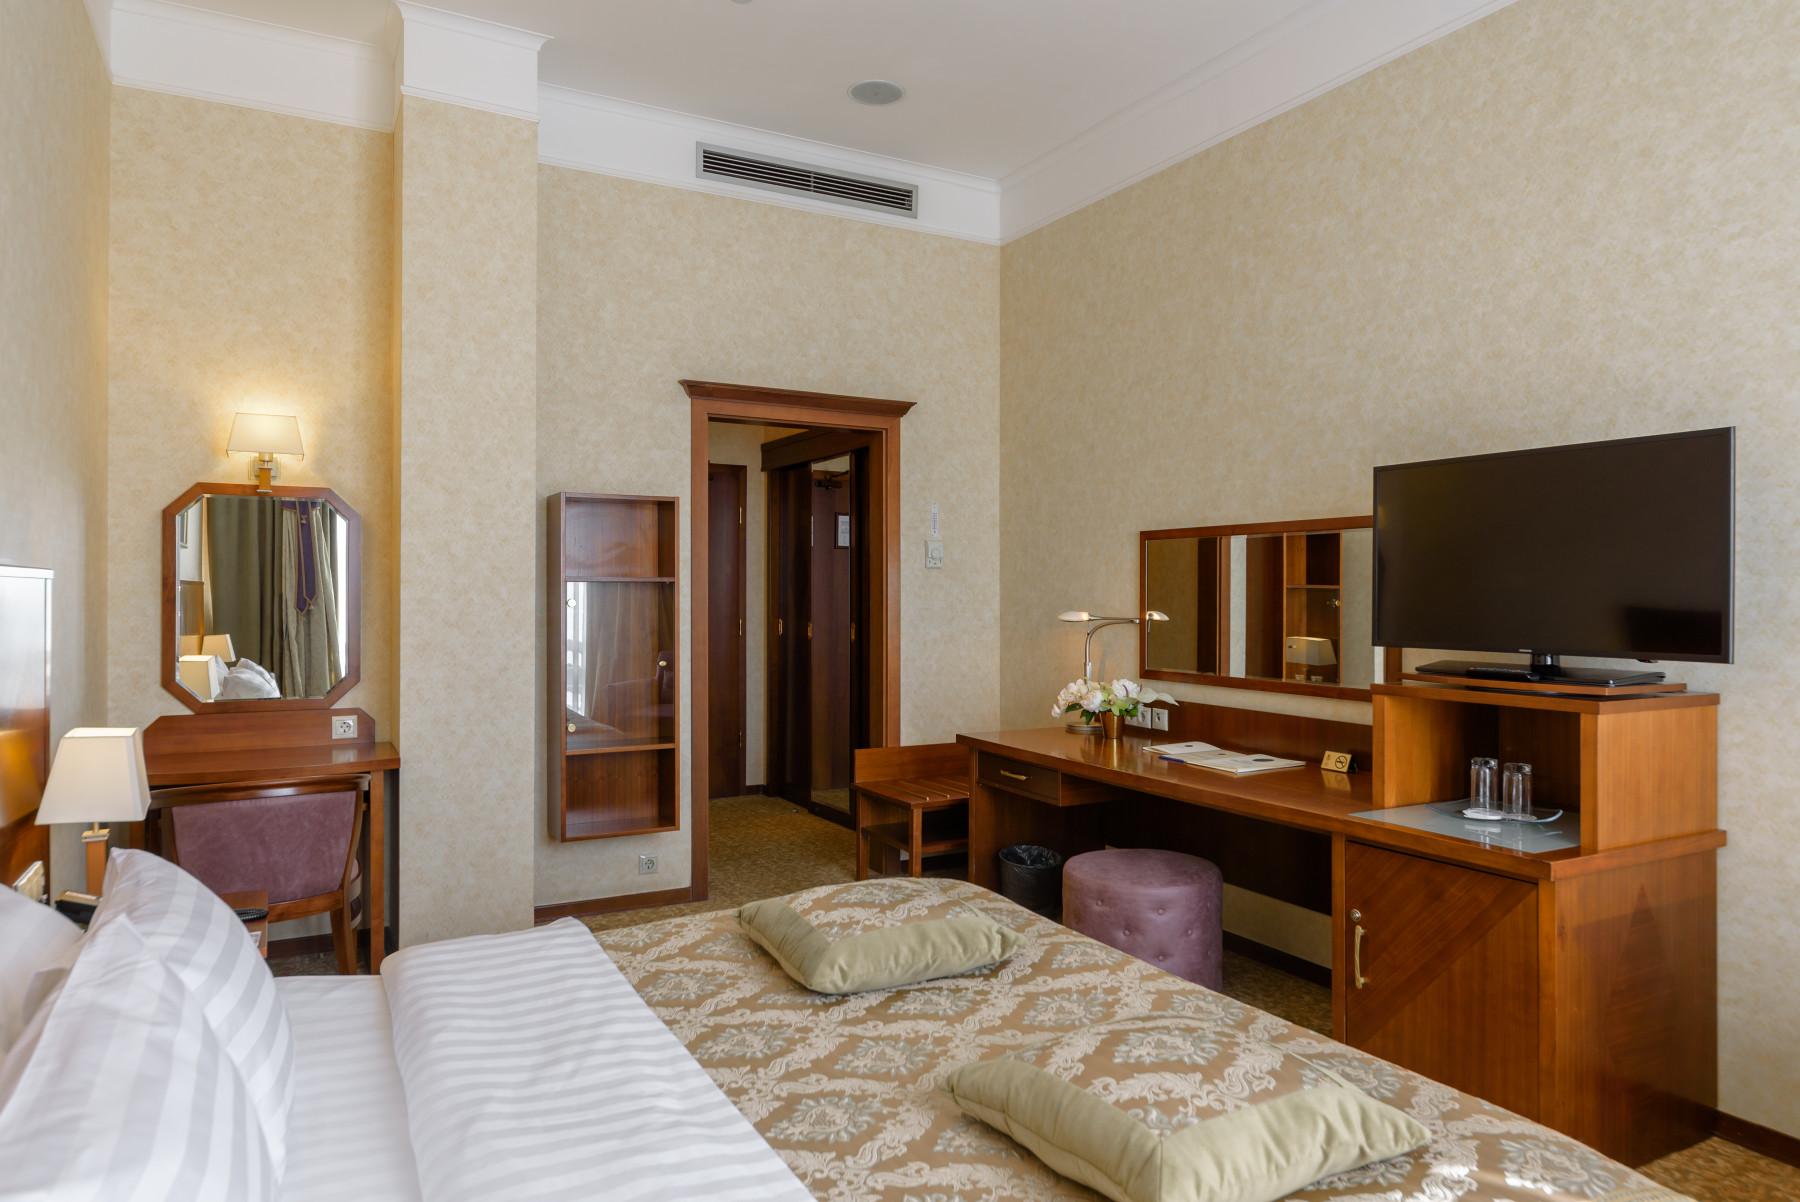 Стандартный номер с одной кроватью на Клубном этаже